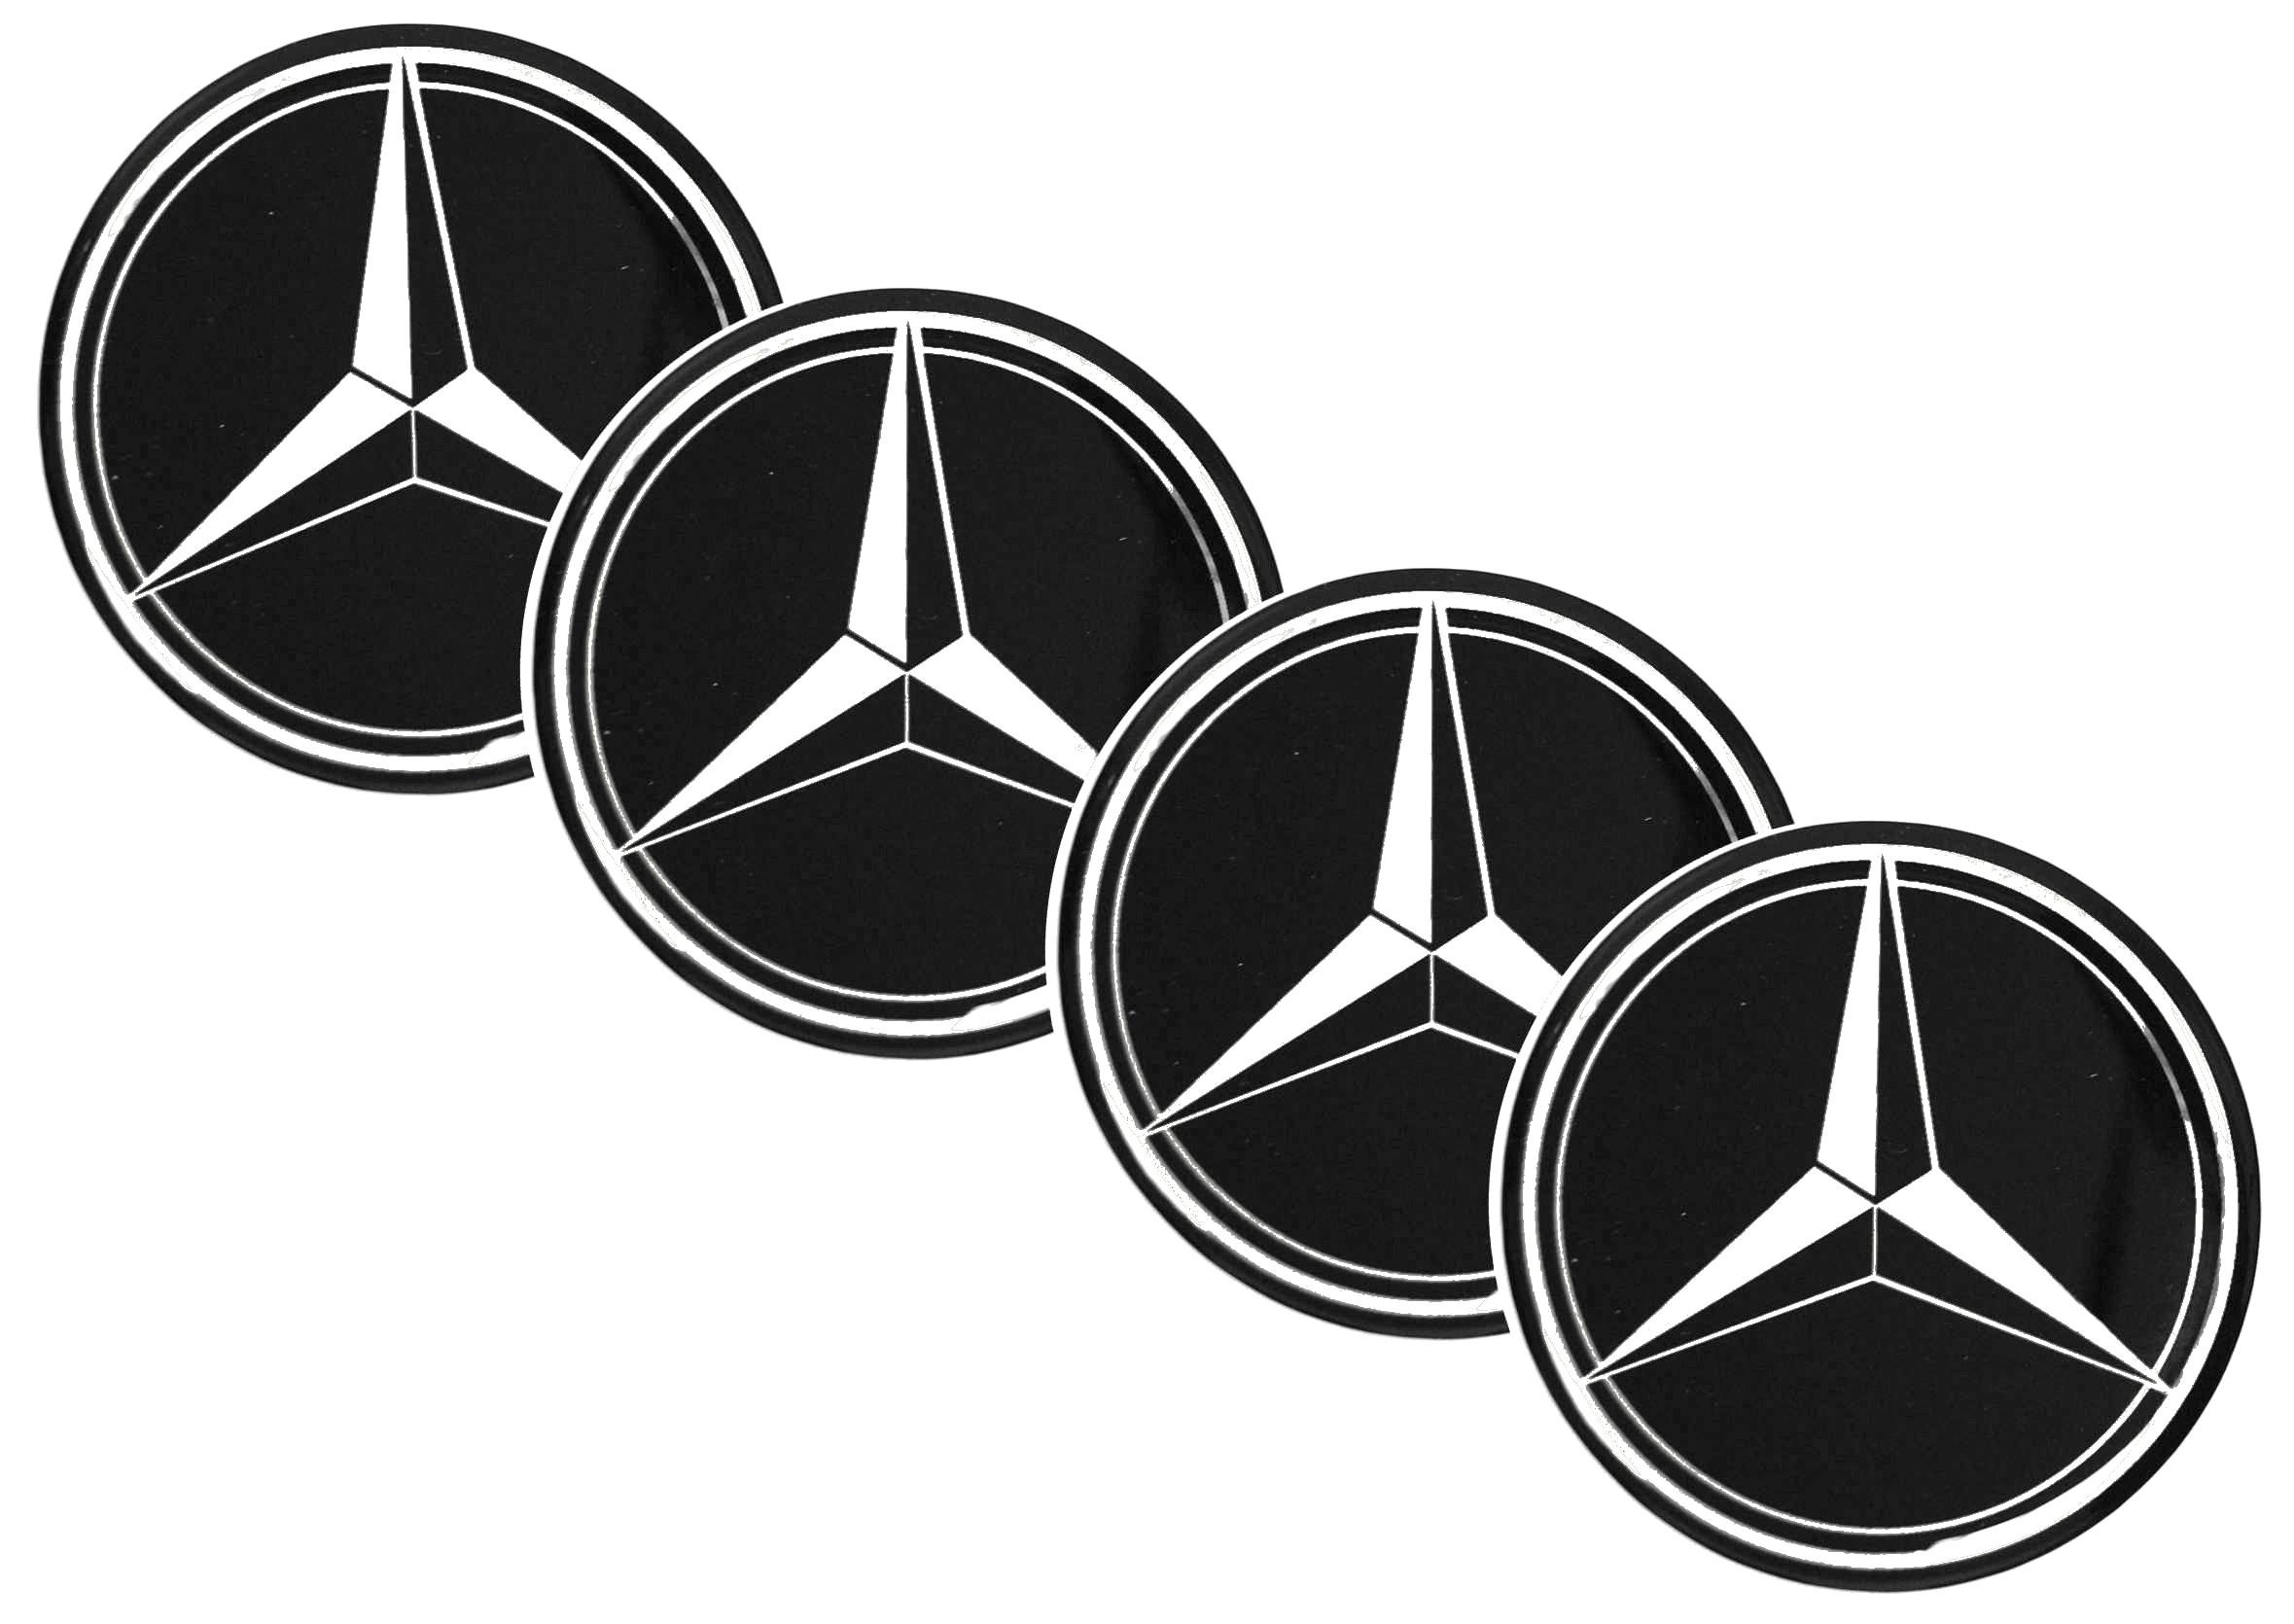 Naklejki wypukłe Emblematy Mercedes 70 mm 4szt